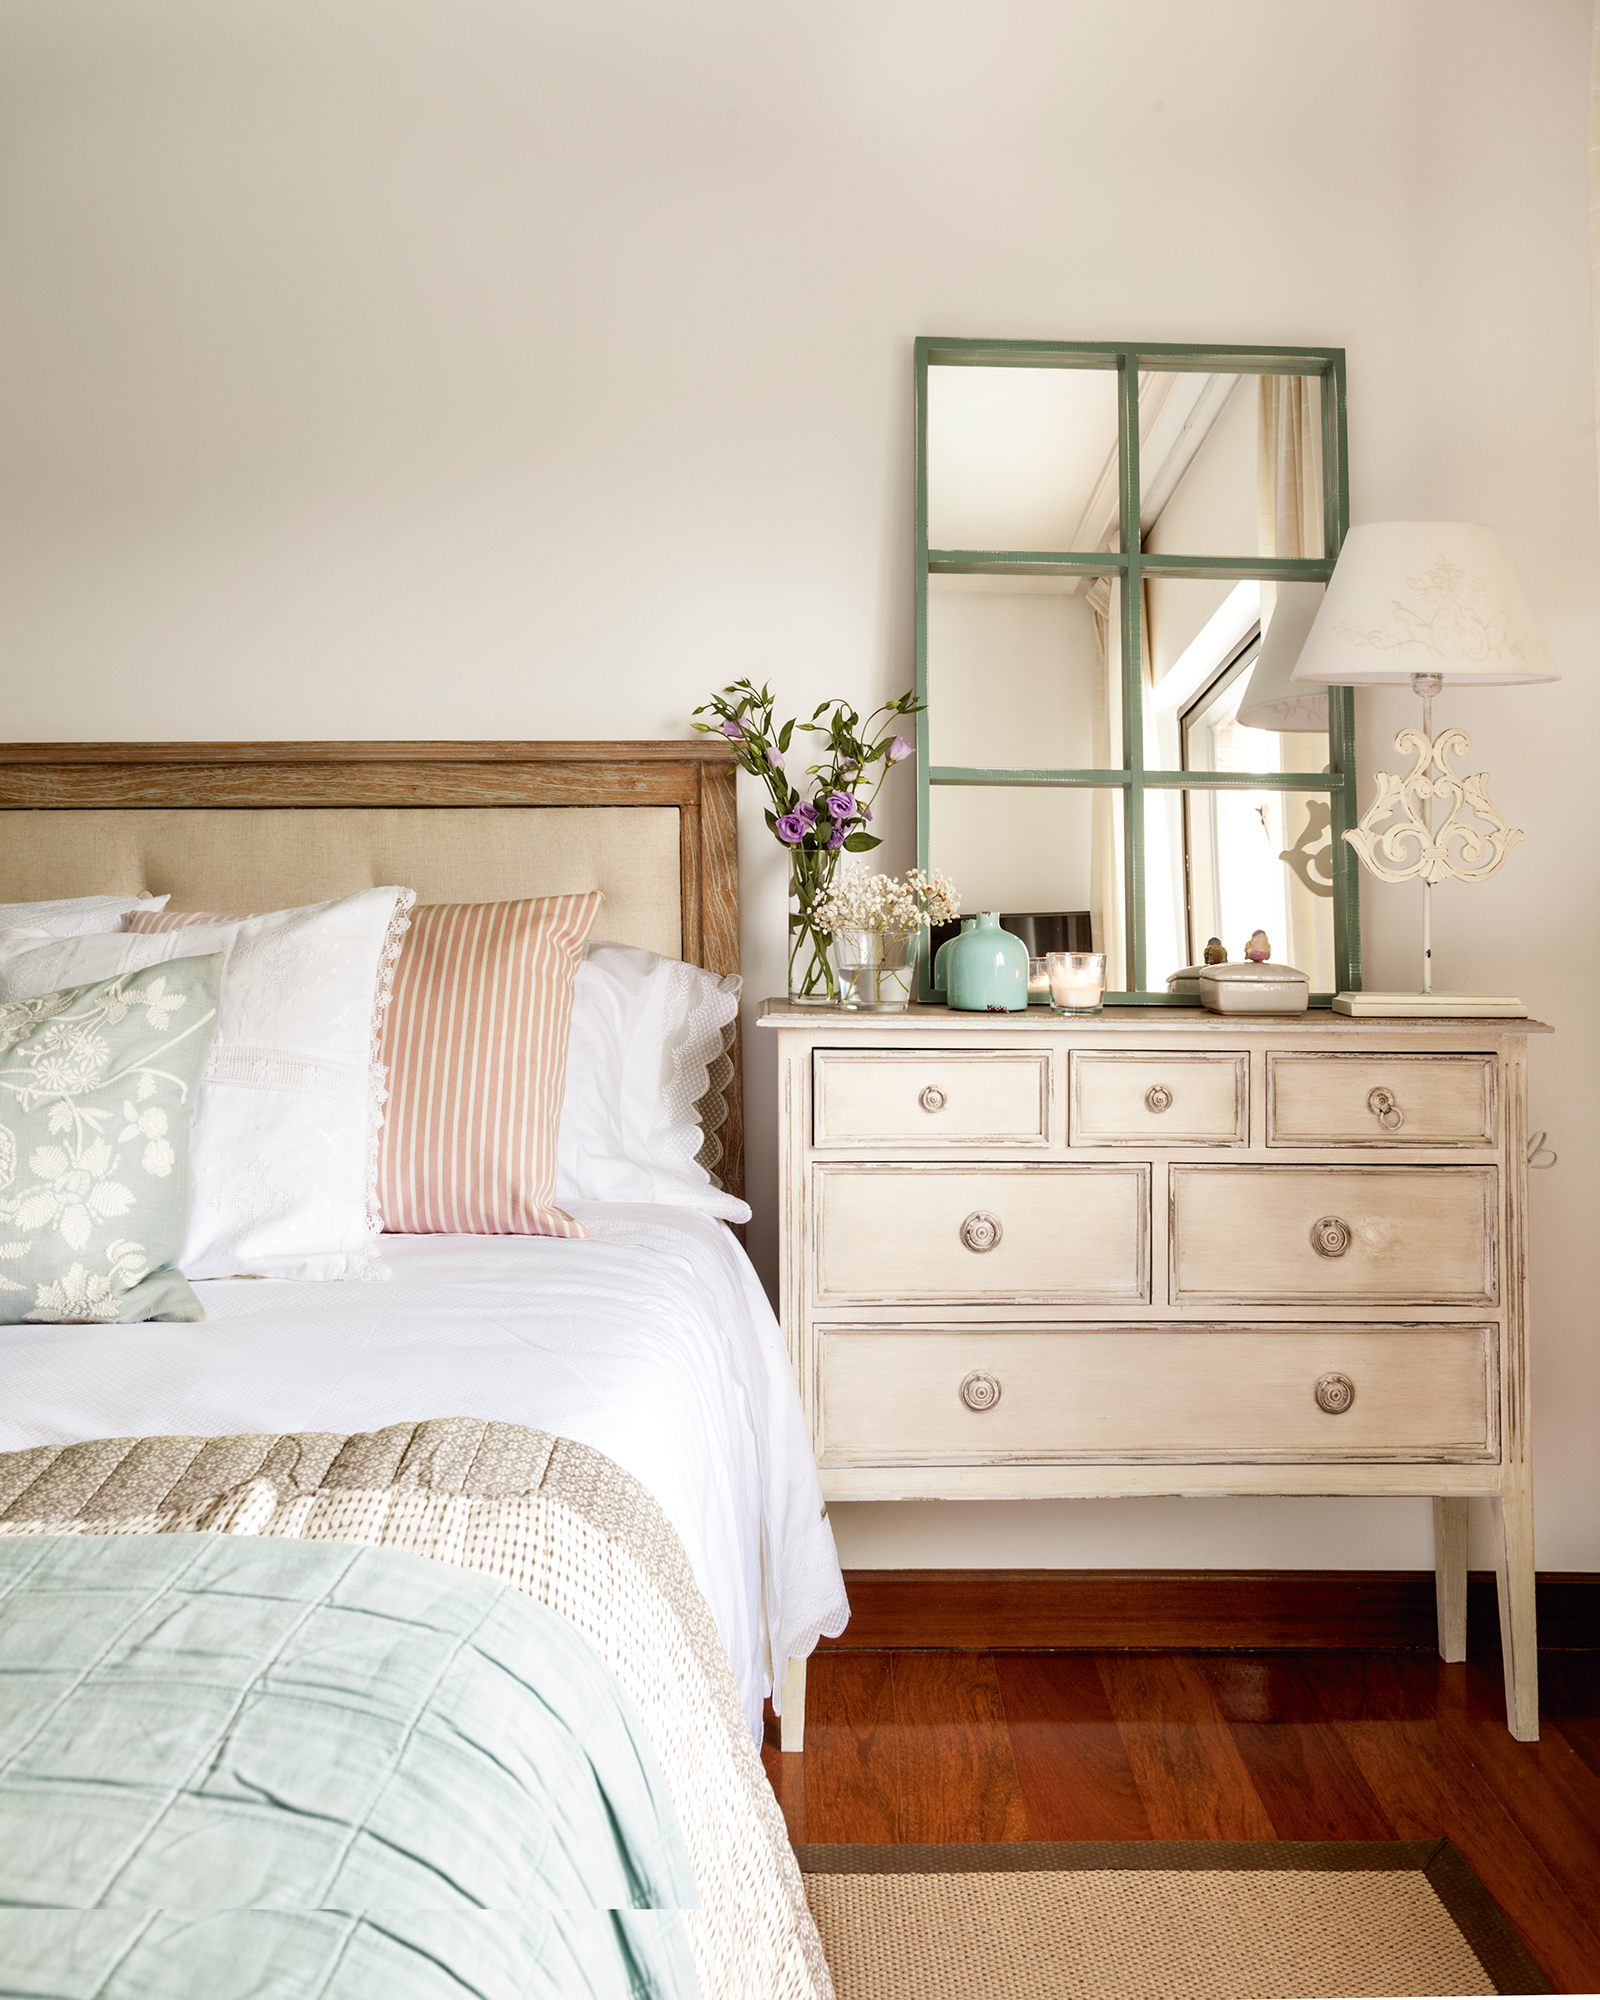 Mesillas de dormitorio dise os arquitect nicos - Mesillas de dormitorio ...